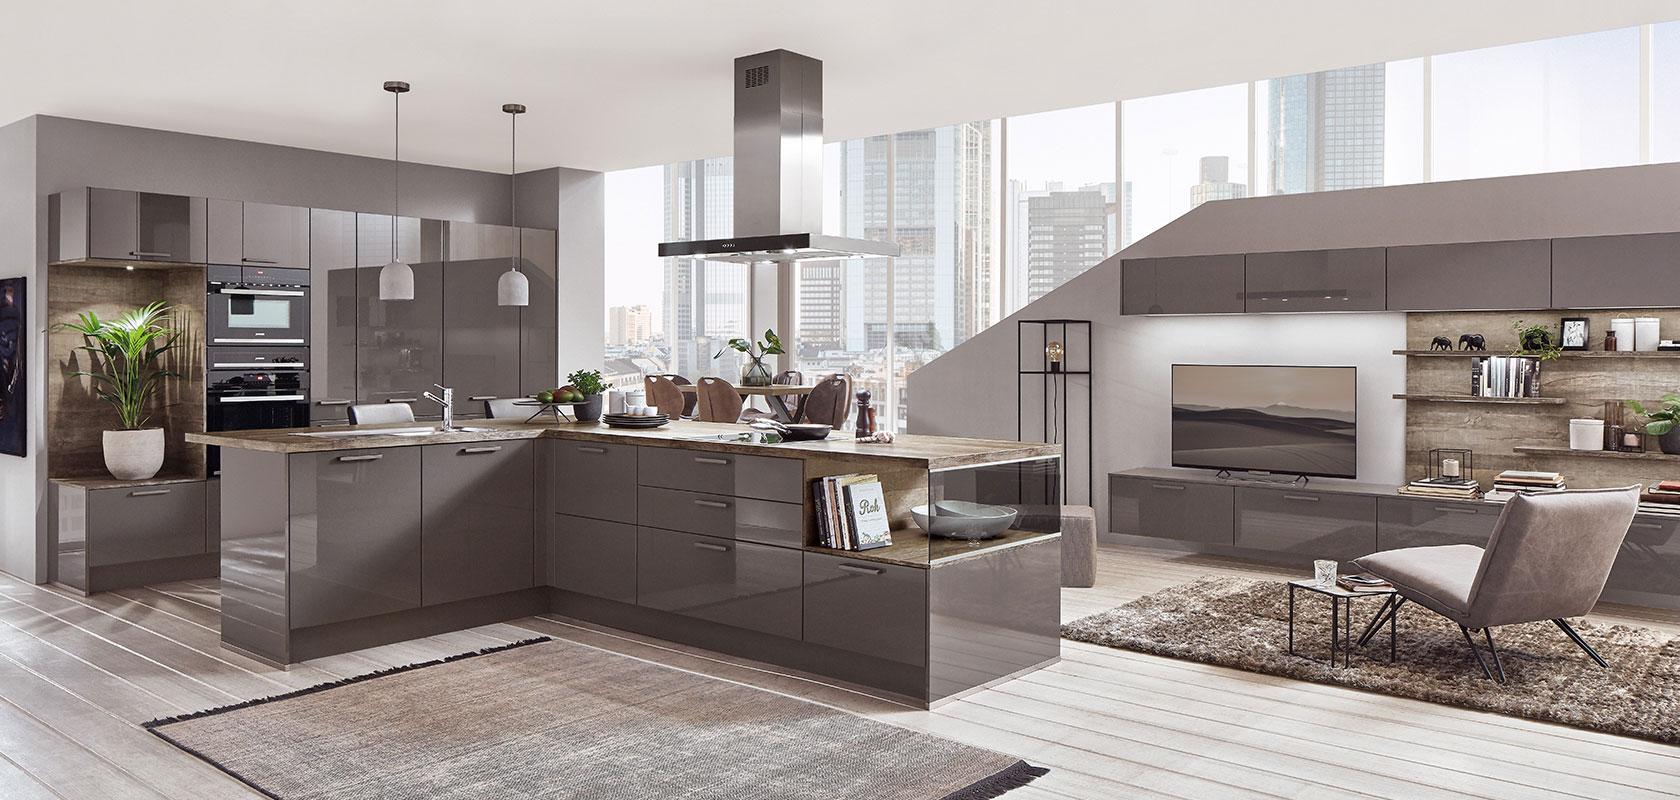 Küchenfußboden in hellem Holz - modern und zeitlos